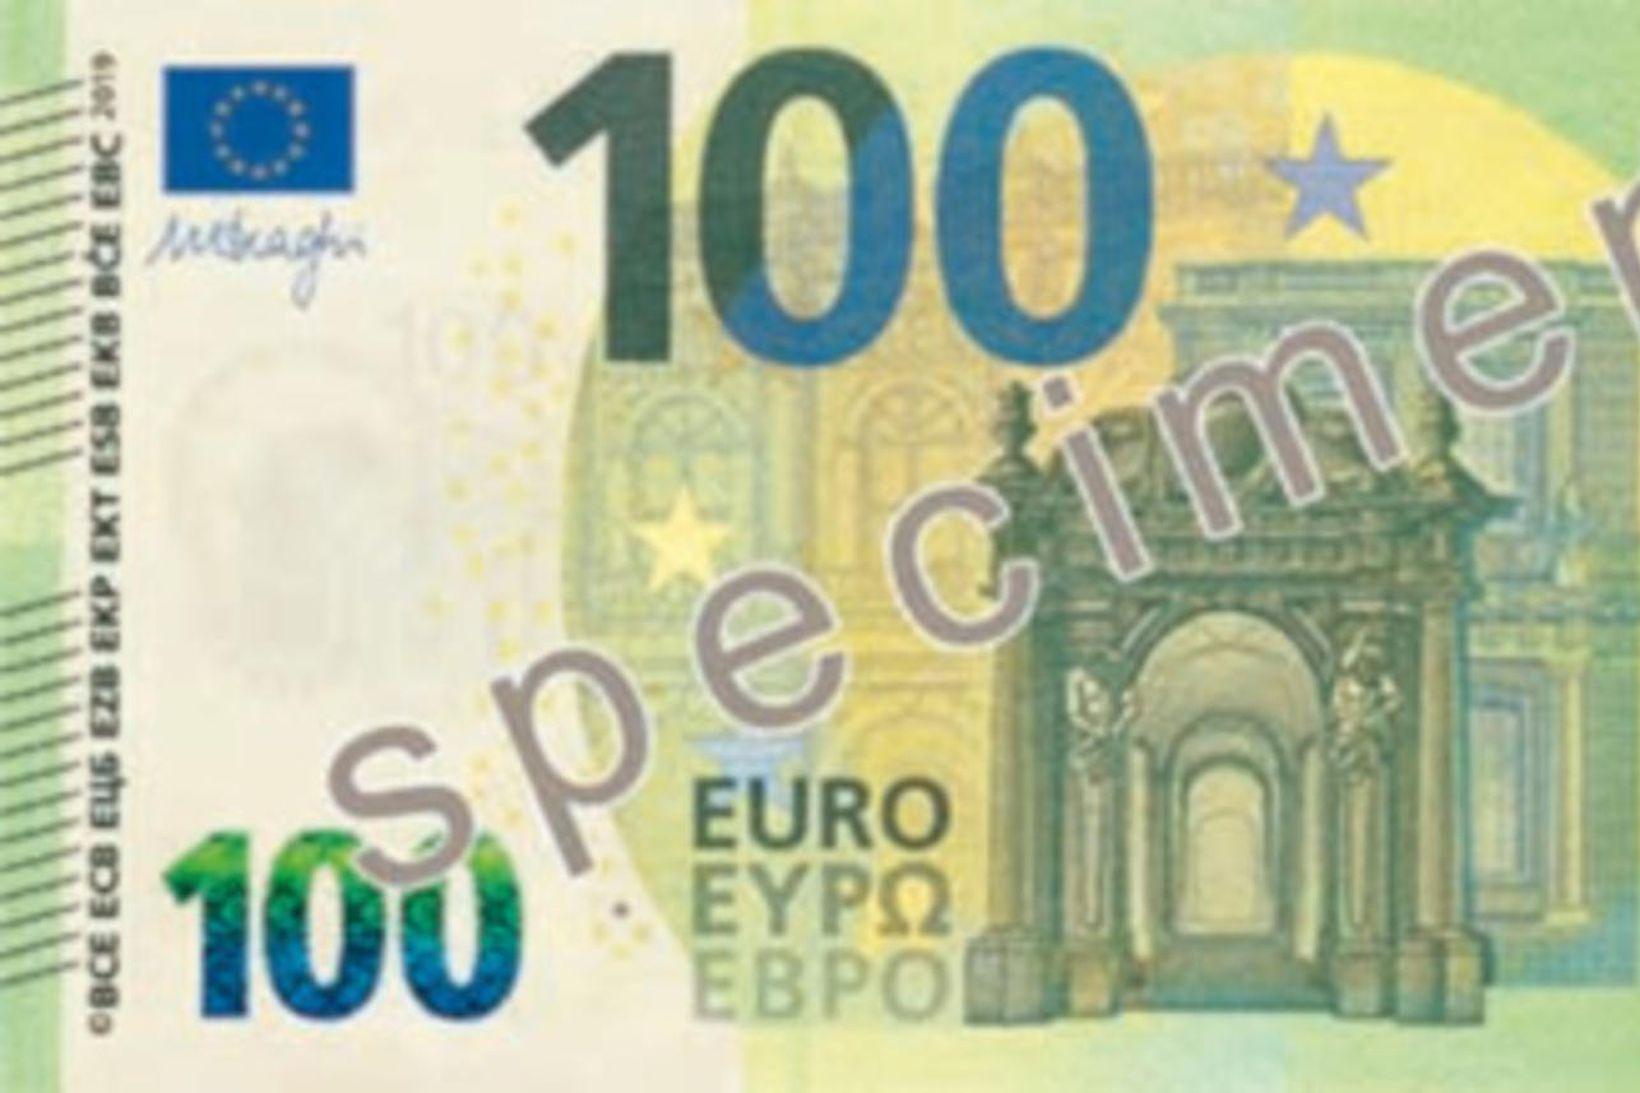 100 evrur.